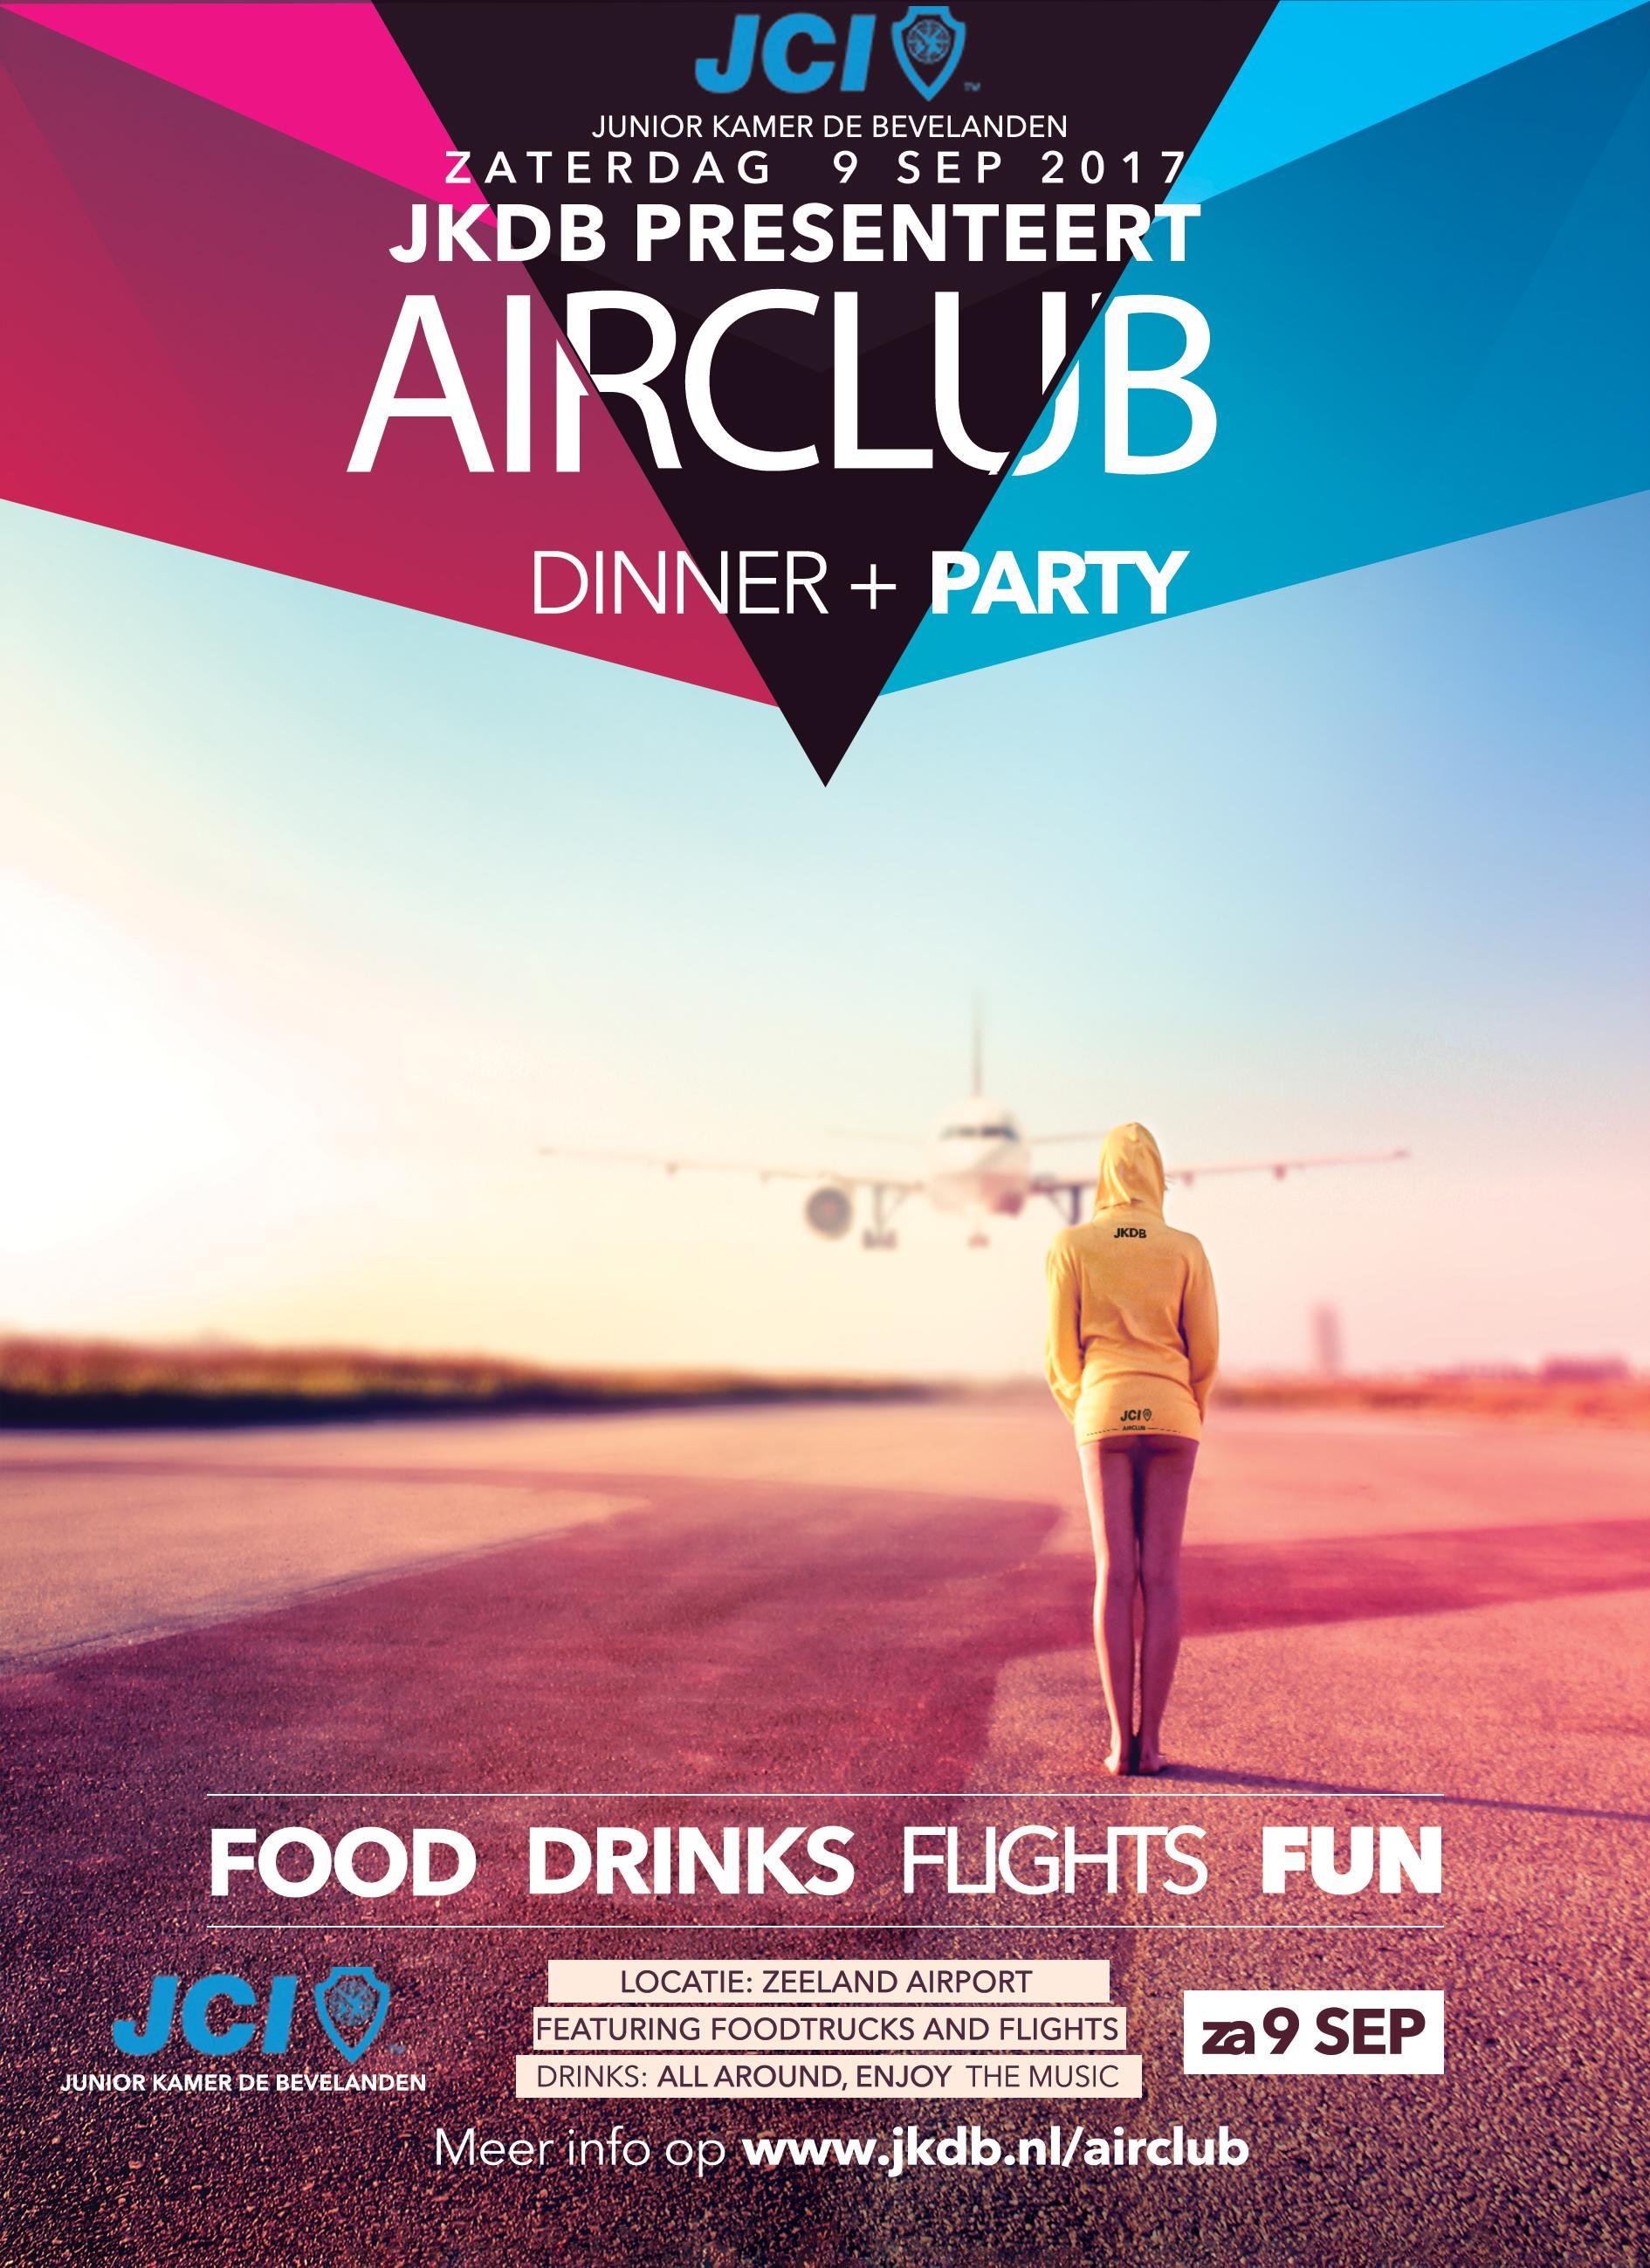 JKDB Airclub voor KiKa